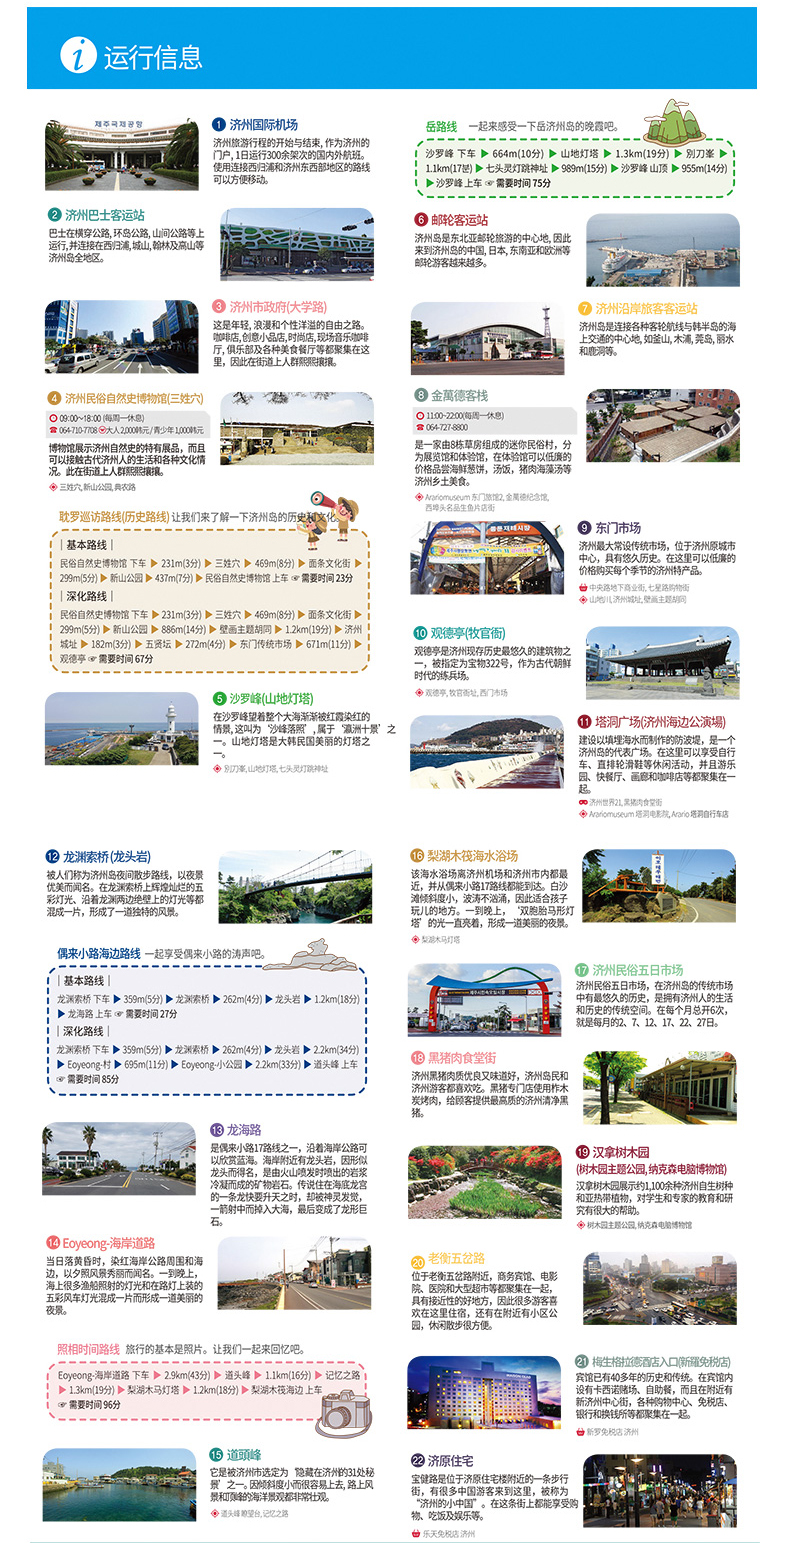 济州城市观光巴士介绍_06.jpg